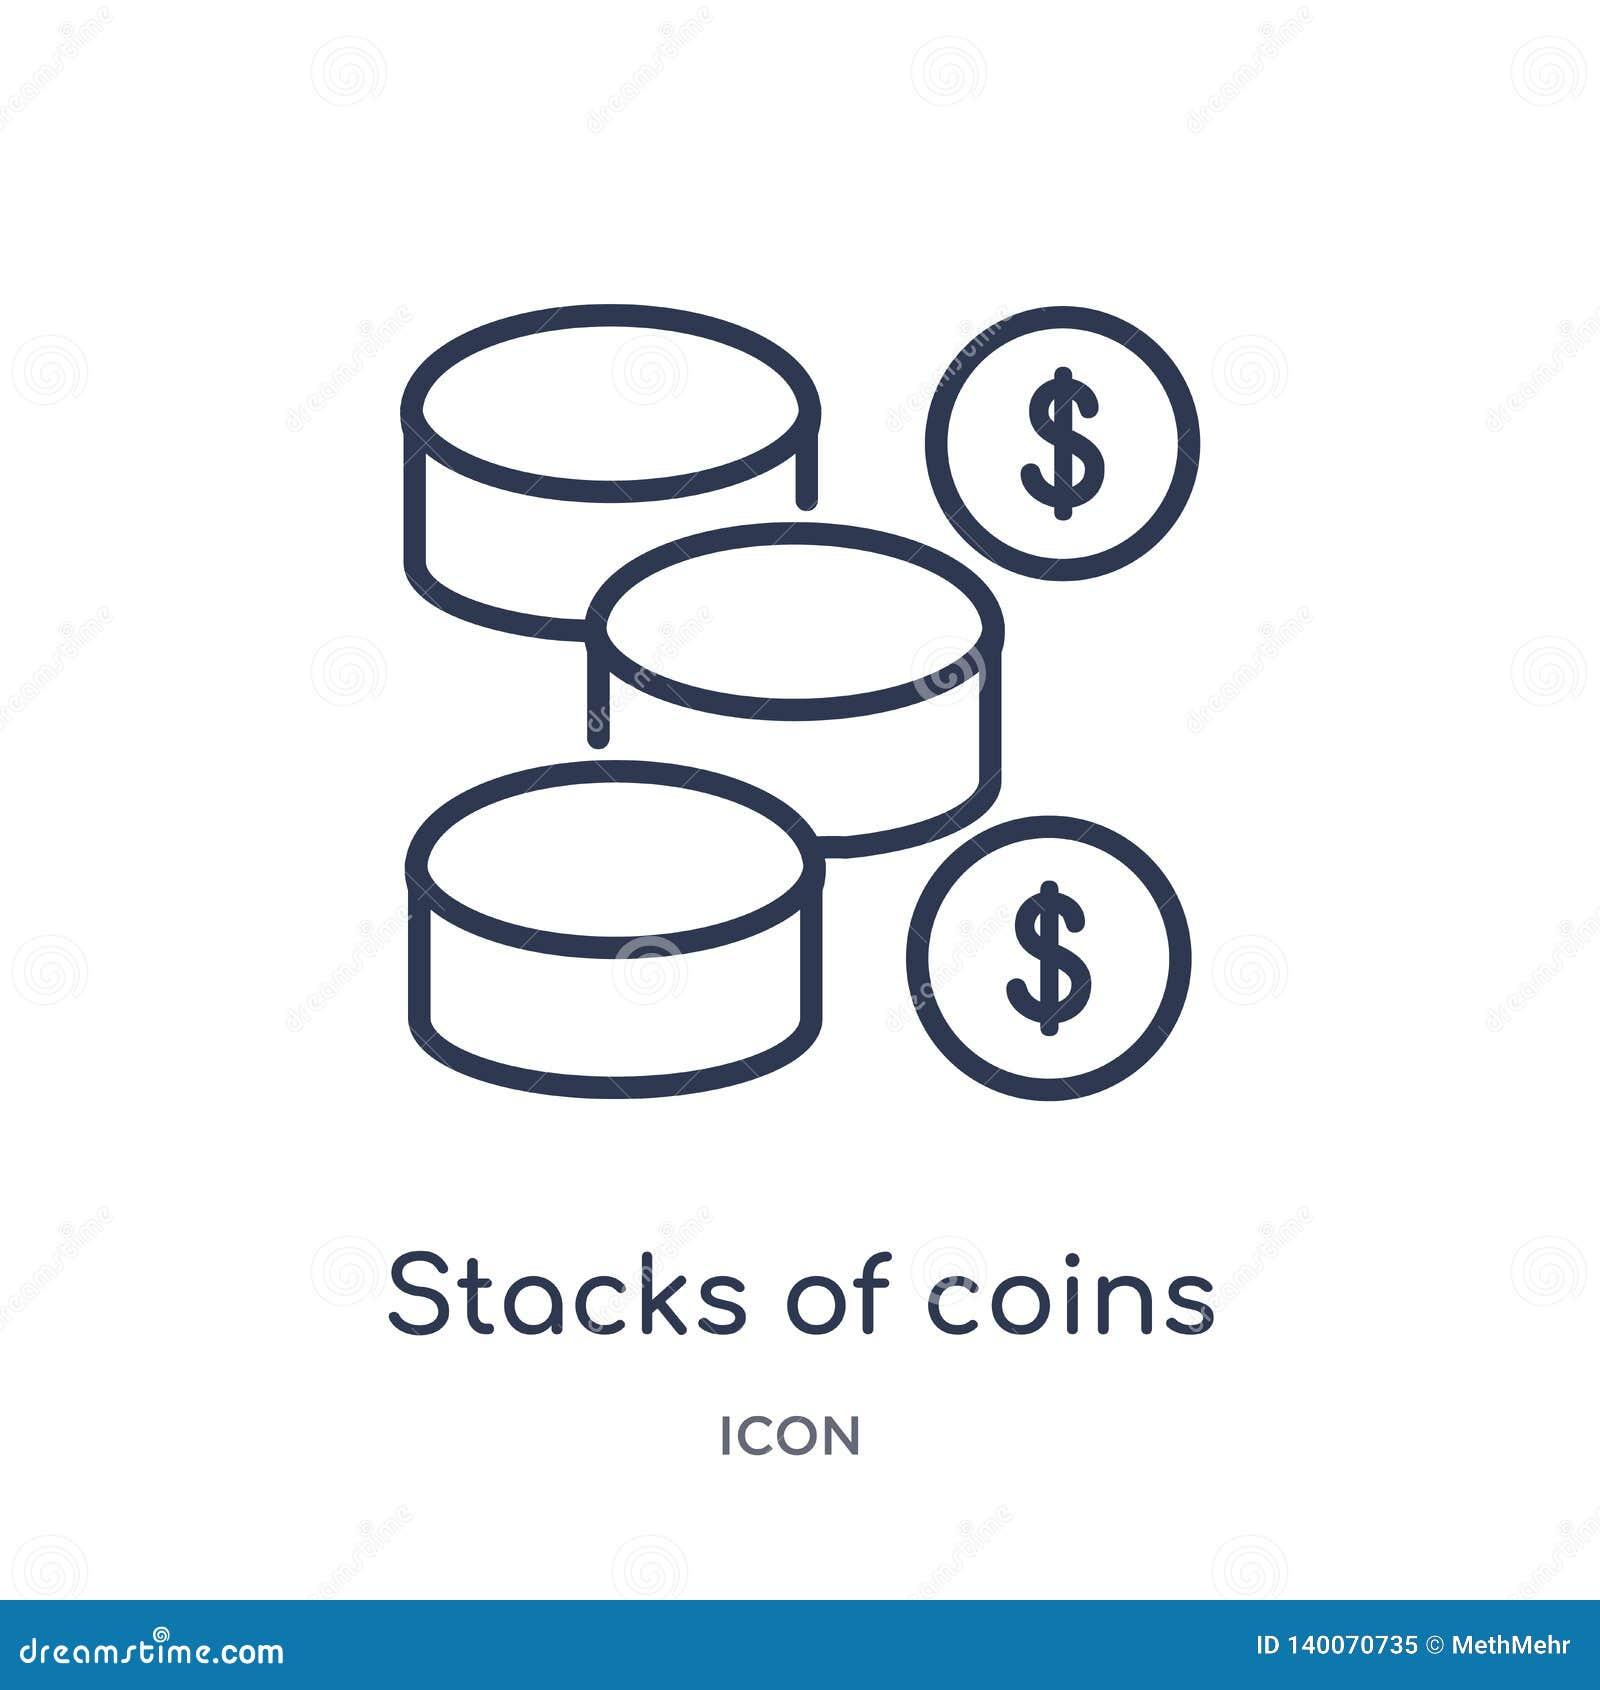 Γραμμικοί σωροί του εικονιδίου νομισμάτων από τη συλλογή επιχειρησιακών περιλήψεων Λεπτοί σωροί γραμμών του εικονιδίου νομισμάτων